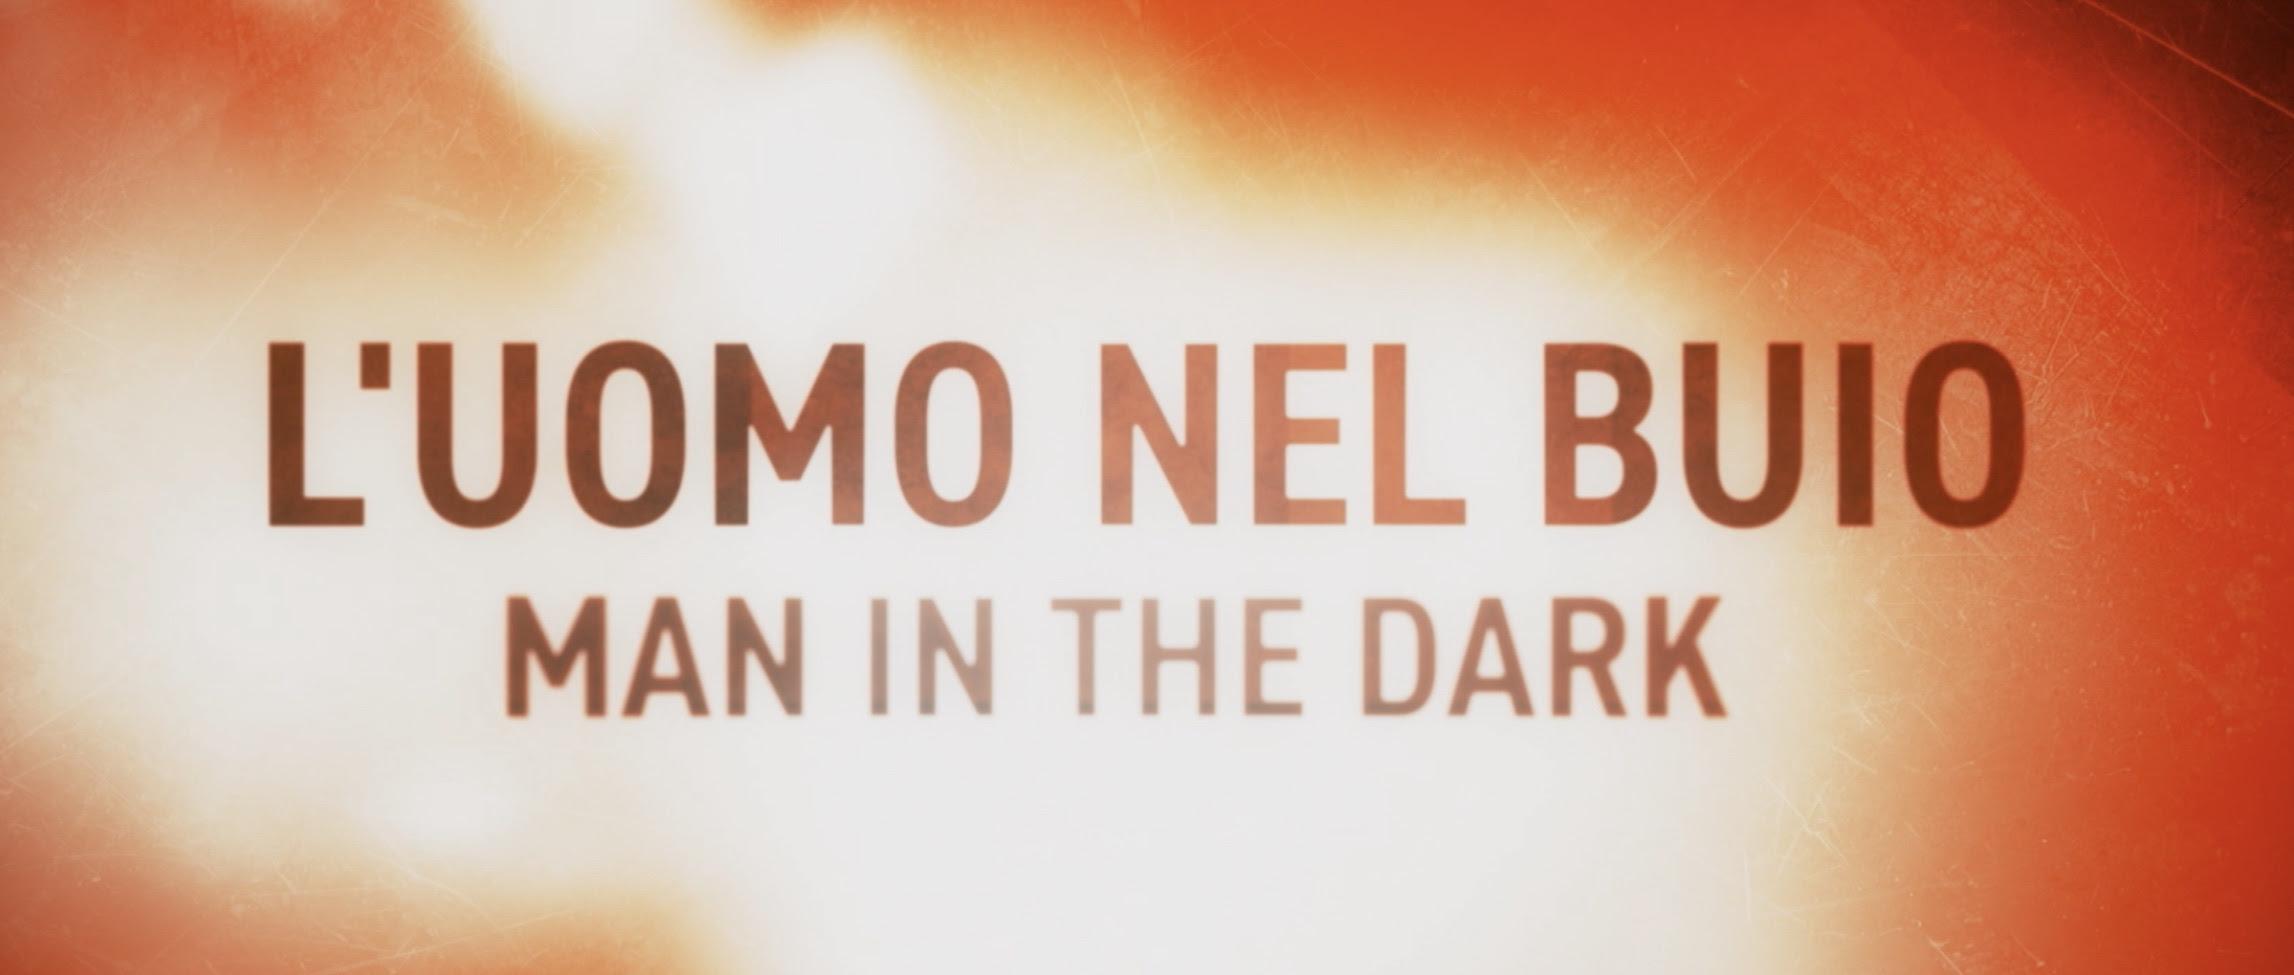 l'uomo nel buio poster